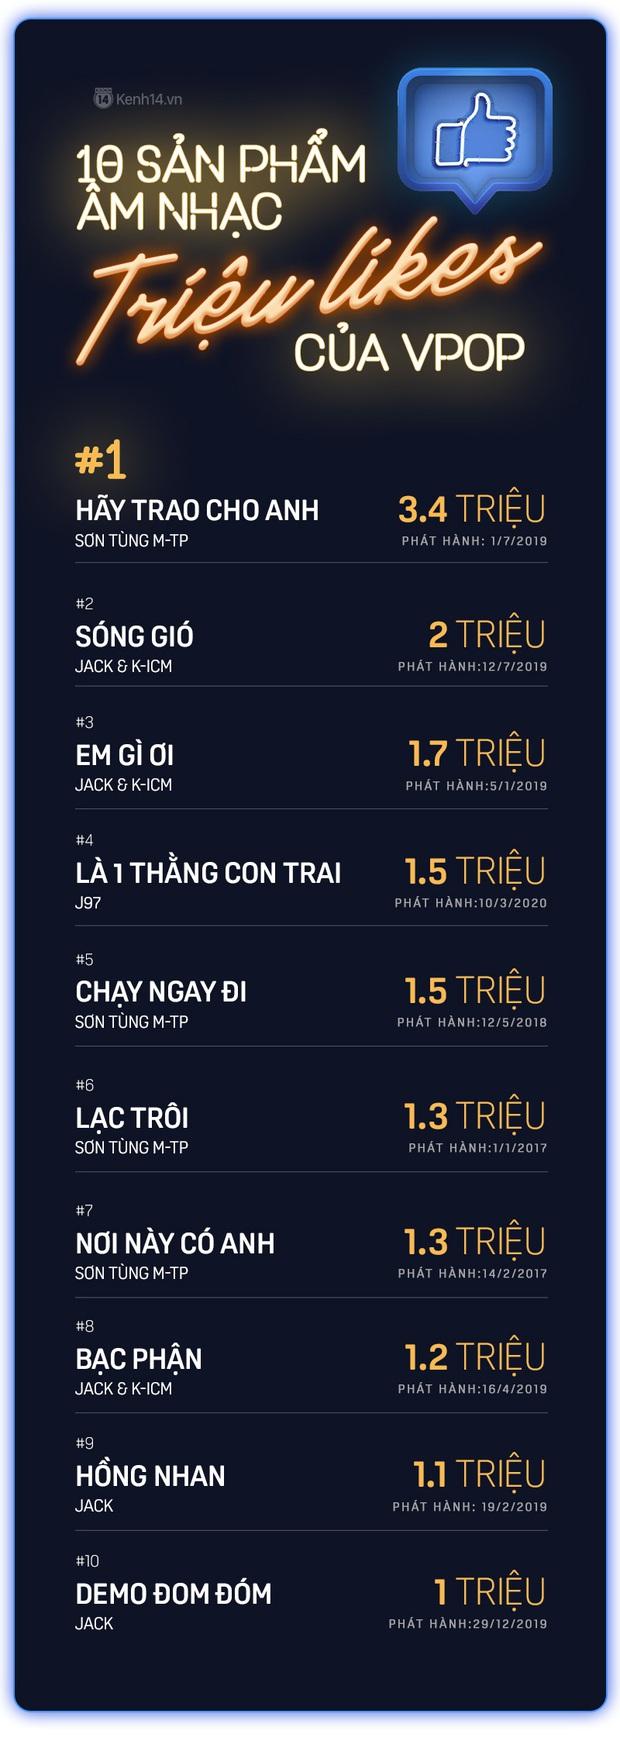 10 sản phẩm âm nhạc đạt triệu likes của Vpop: Sơn Tùng M-TP vẫn là bá chủ, nhưng Jack và K-ICM lại áp đảo hoàn toàn về số lượng! - Ảnh 1.